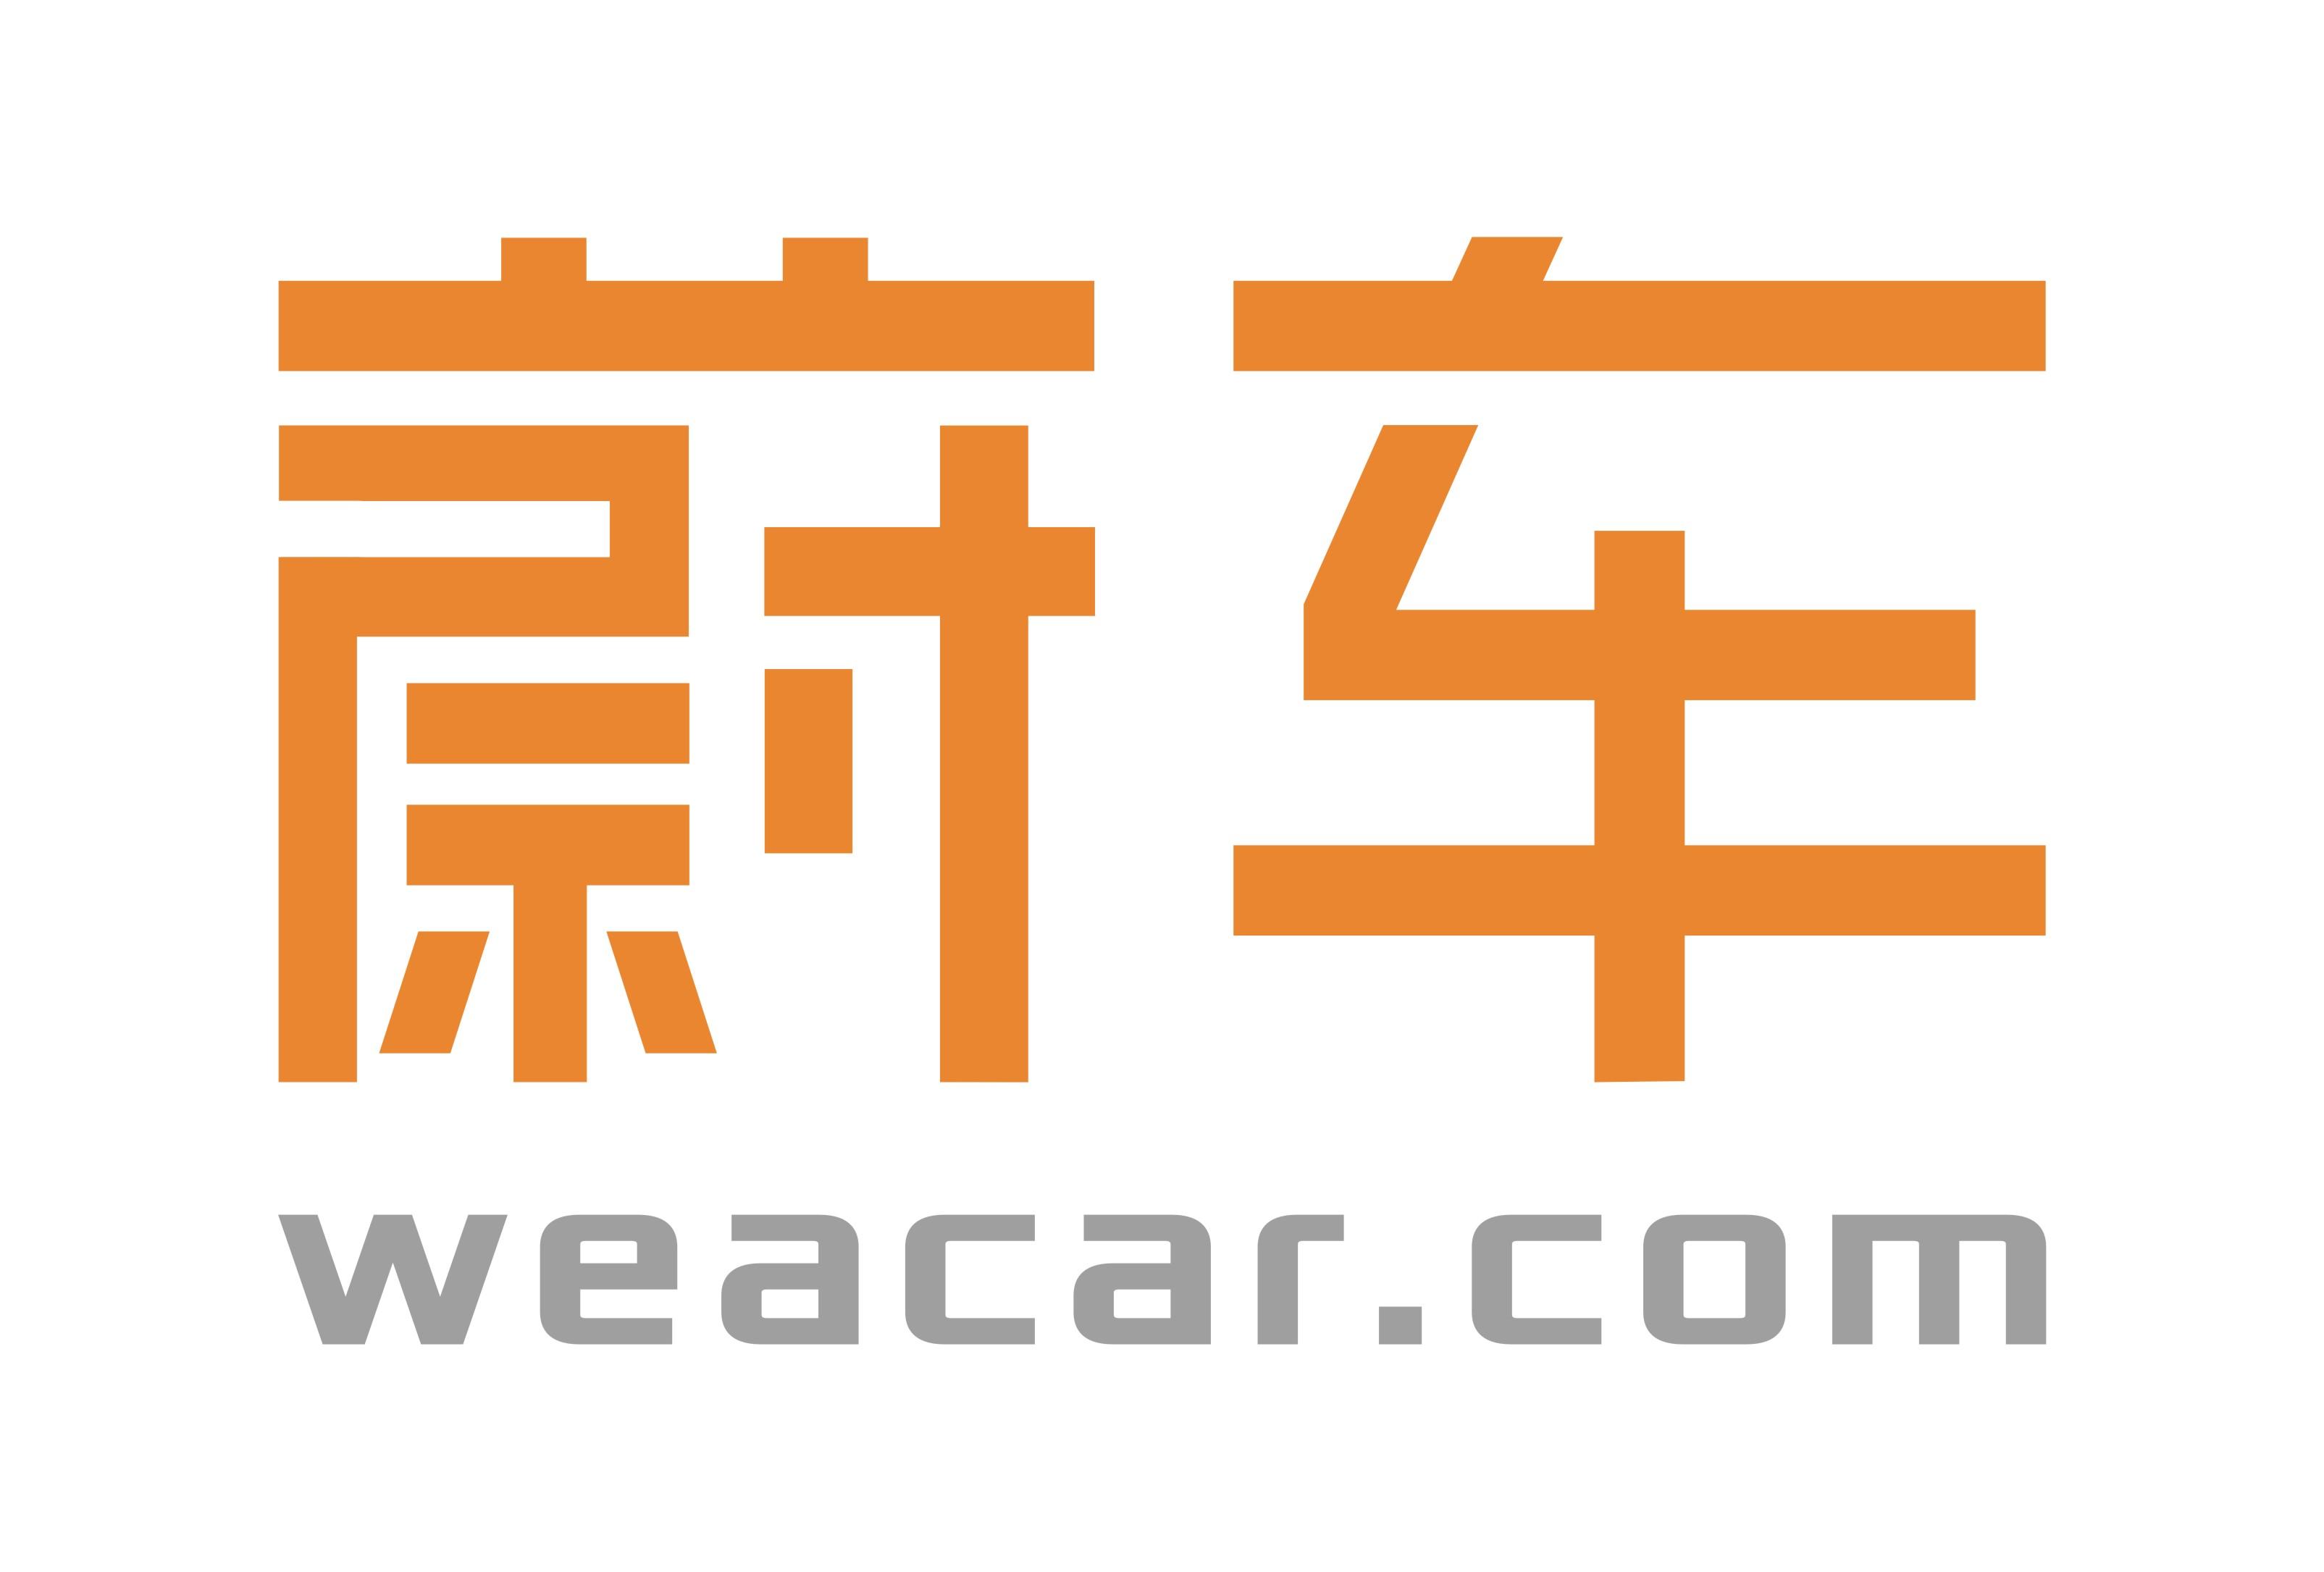 蔚车-广东省营运中心(中山市锋汇名车贸易有限公司)